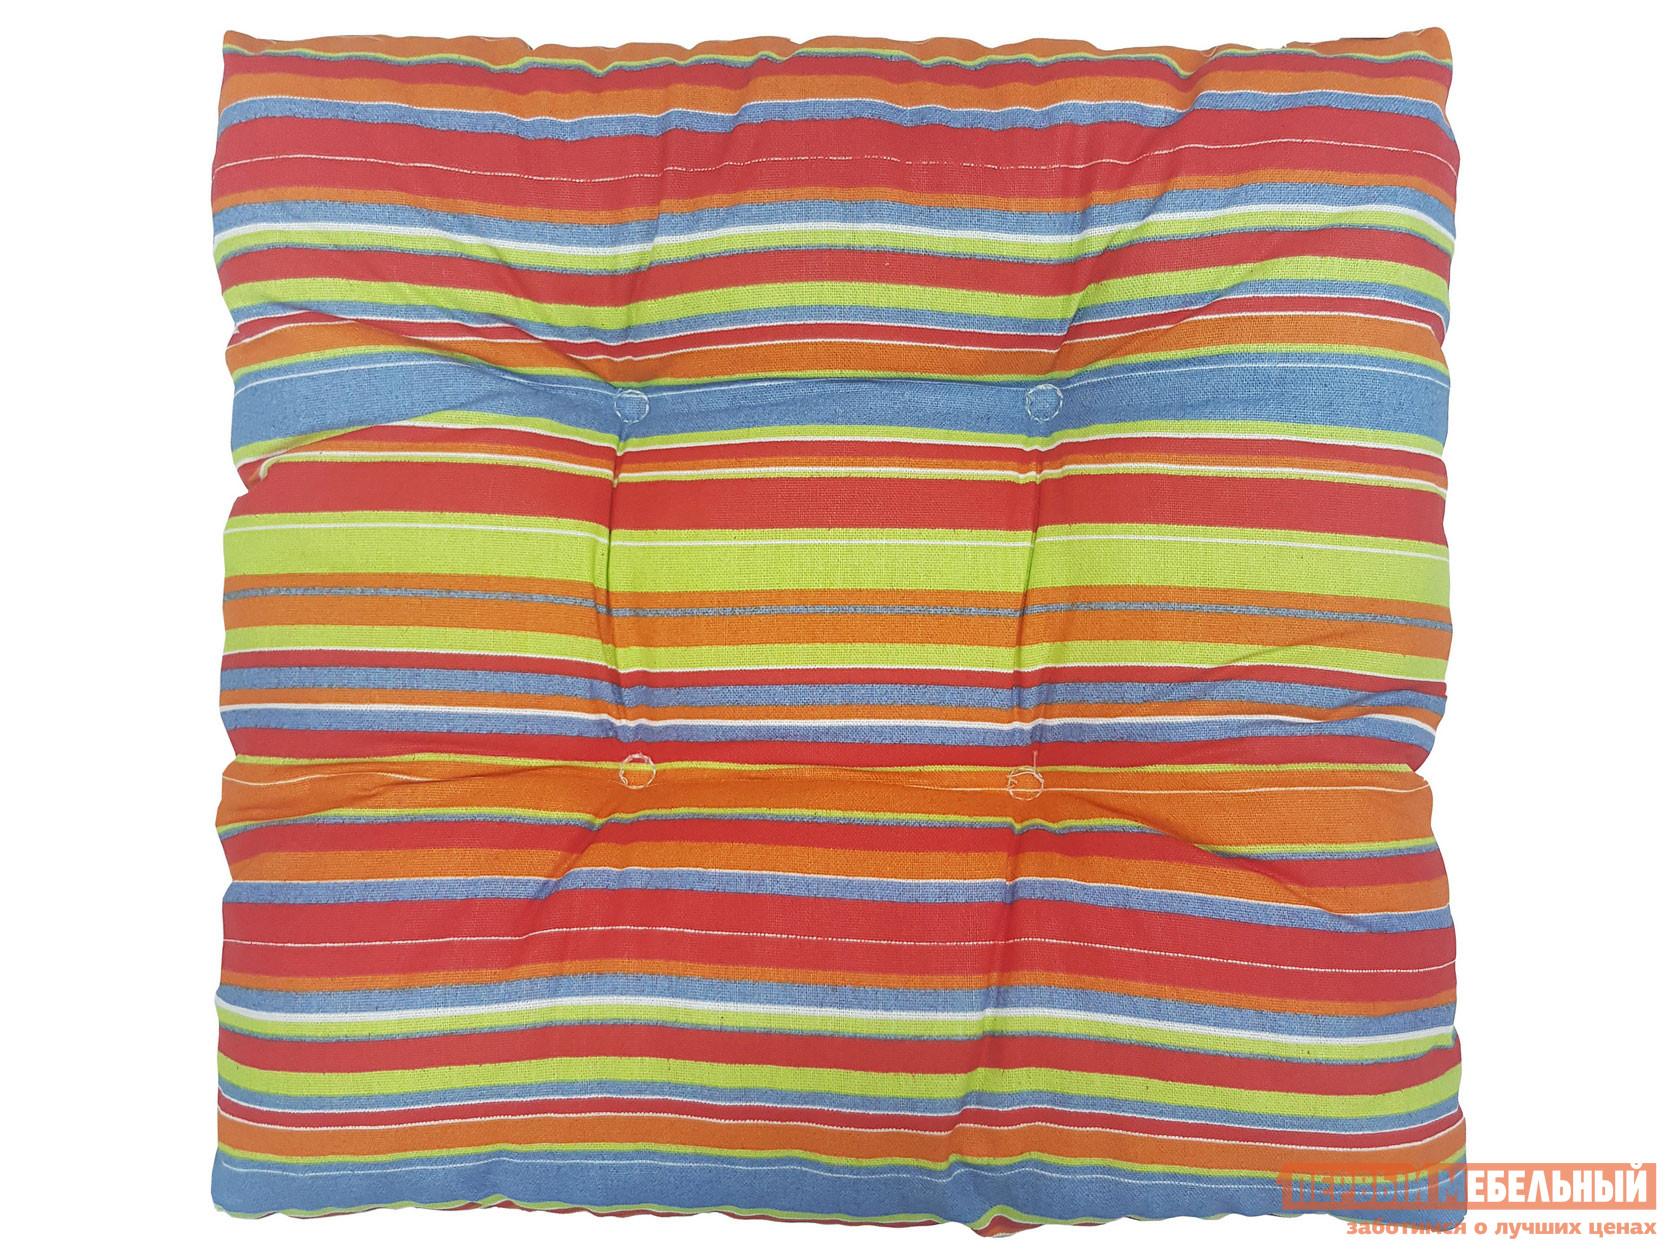 Матрас для шезлонга  Подушка хлопок набивной с имитацией пуговиц 2641, оранжевая полоса